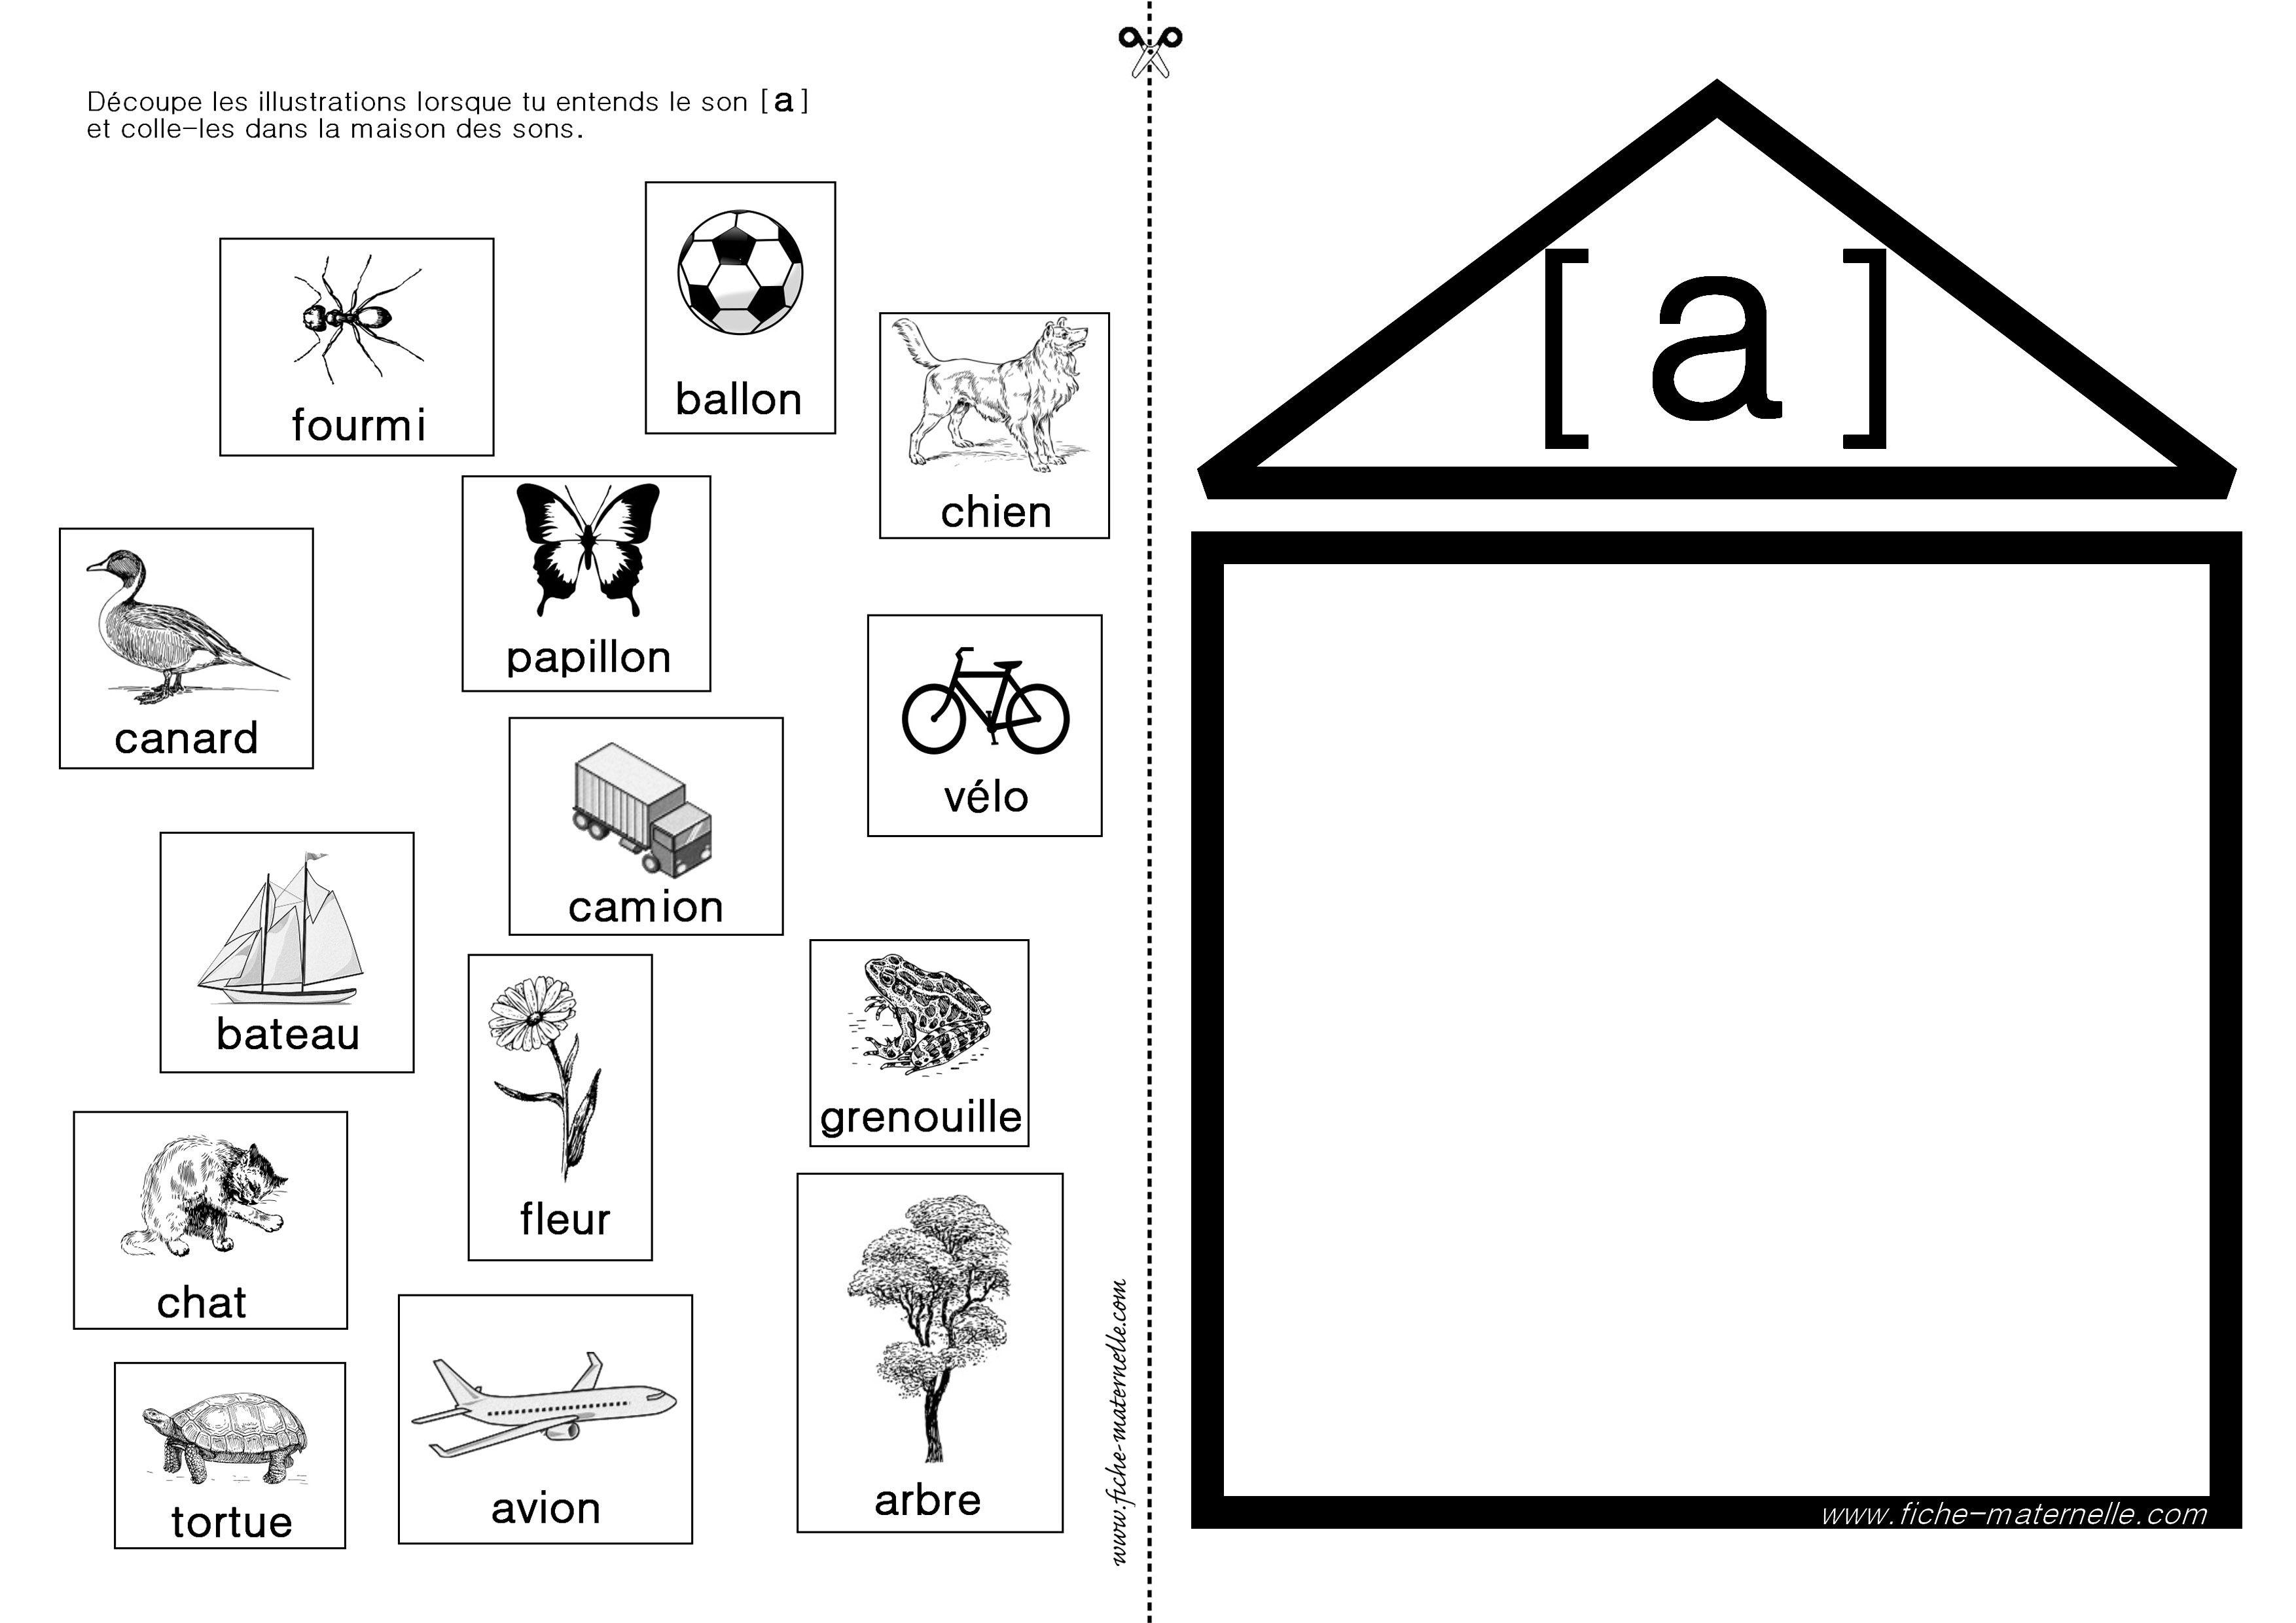 apprendre lire en maternelle et cp exercices autour du son a ecole phonologie langage. Black Bedroom Furniture Sets. Home Design Ideas